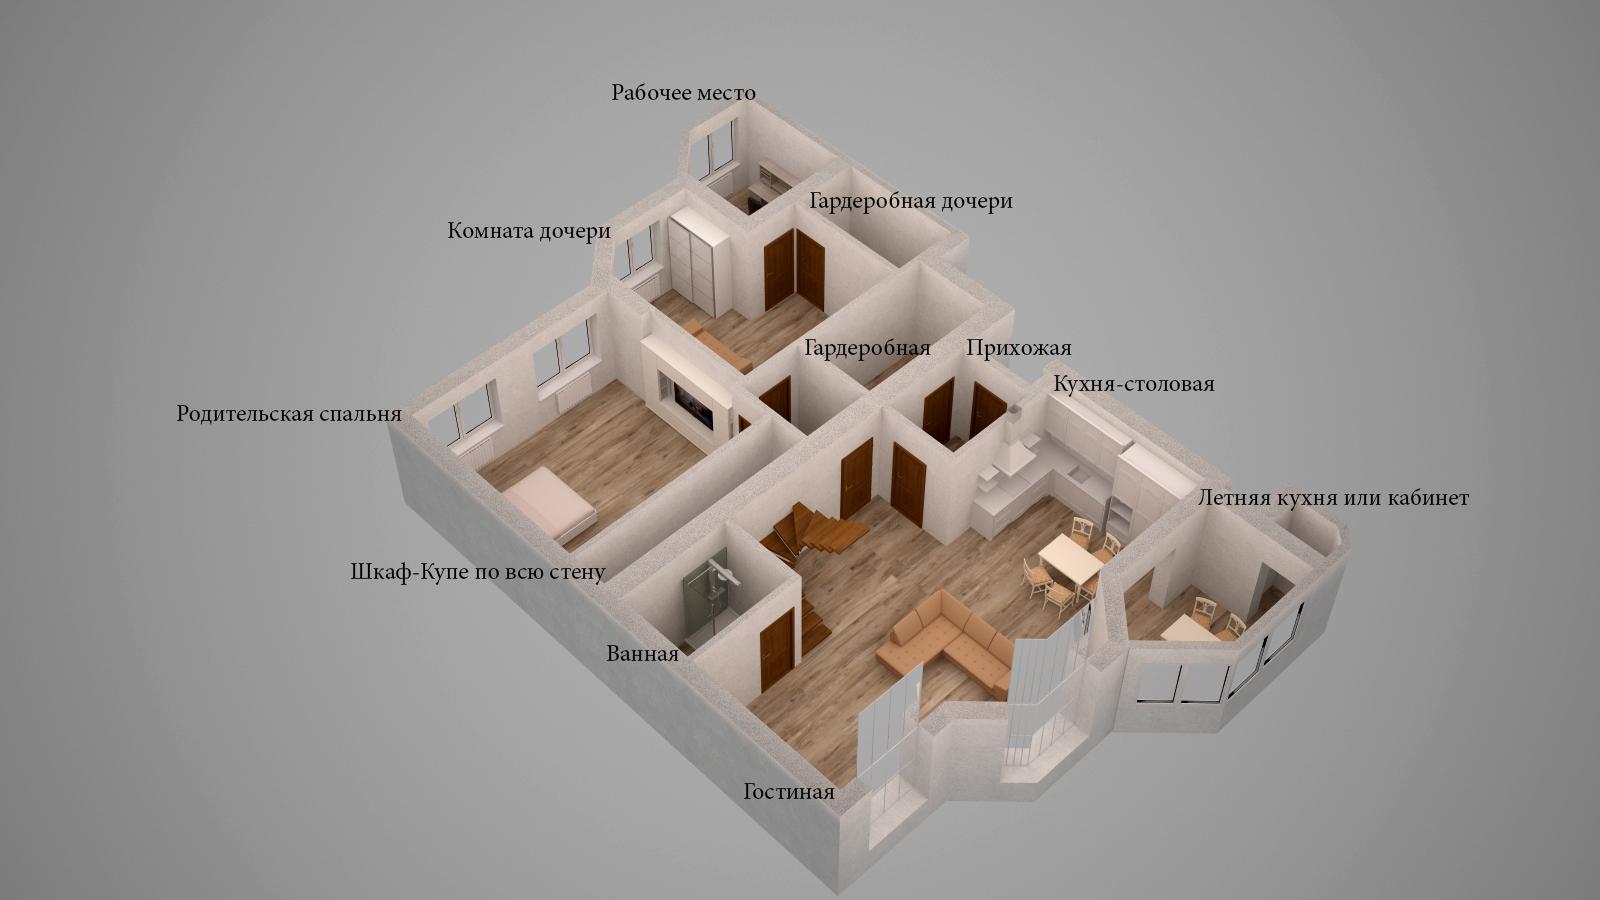 Объединение + планировка квартиры (~260 кв.м.) фото f_8985a575f688c51f.jpg